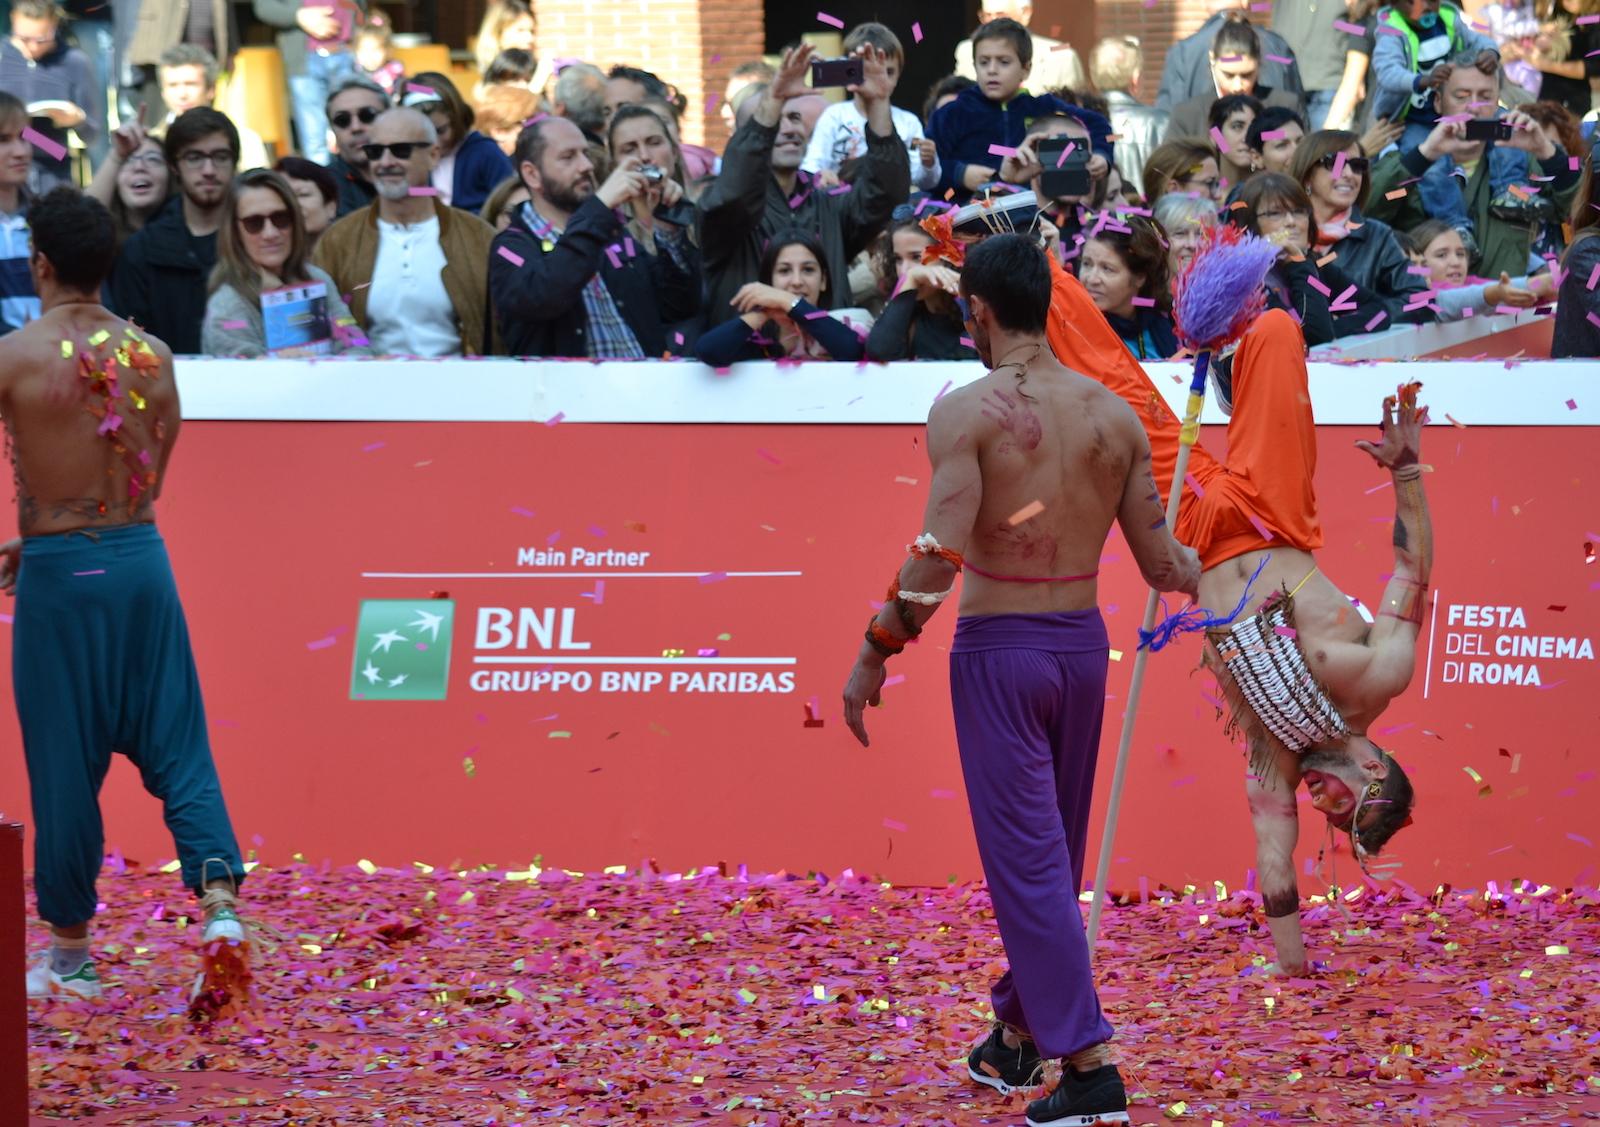 Roma 2015: acrobazia per la folla vicino al red carpet di Pan - Viaggio sull'isola che non c'è